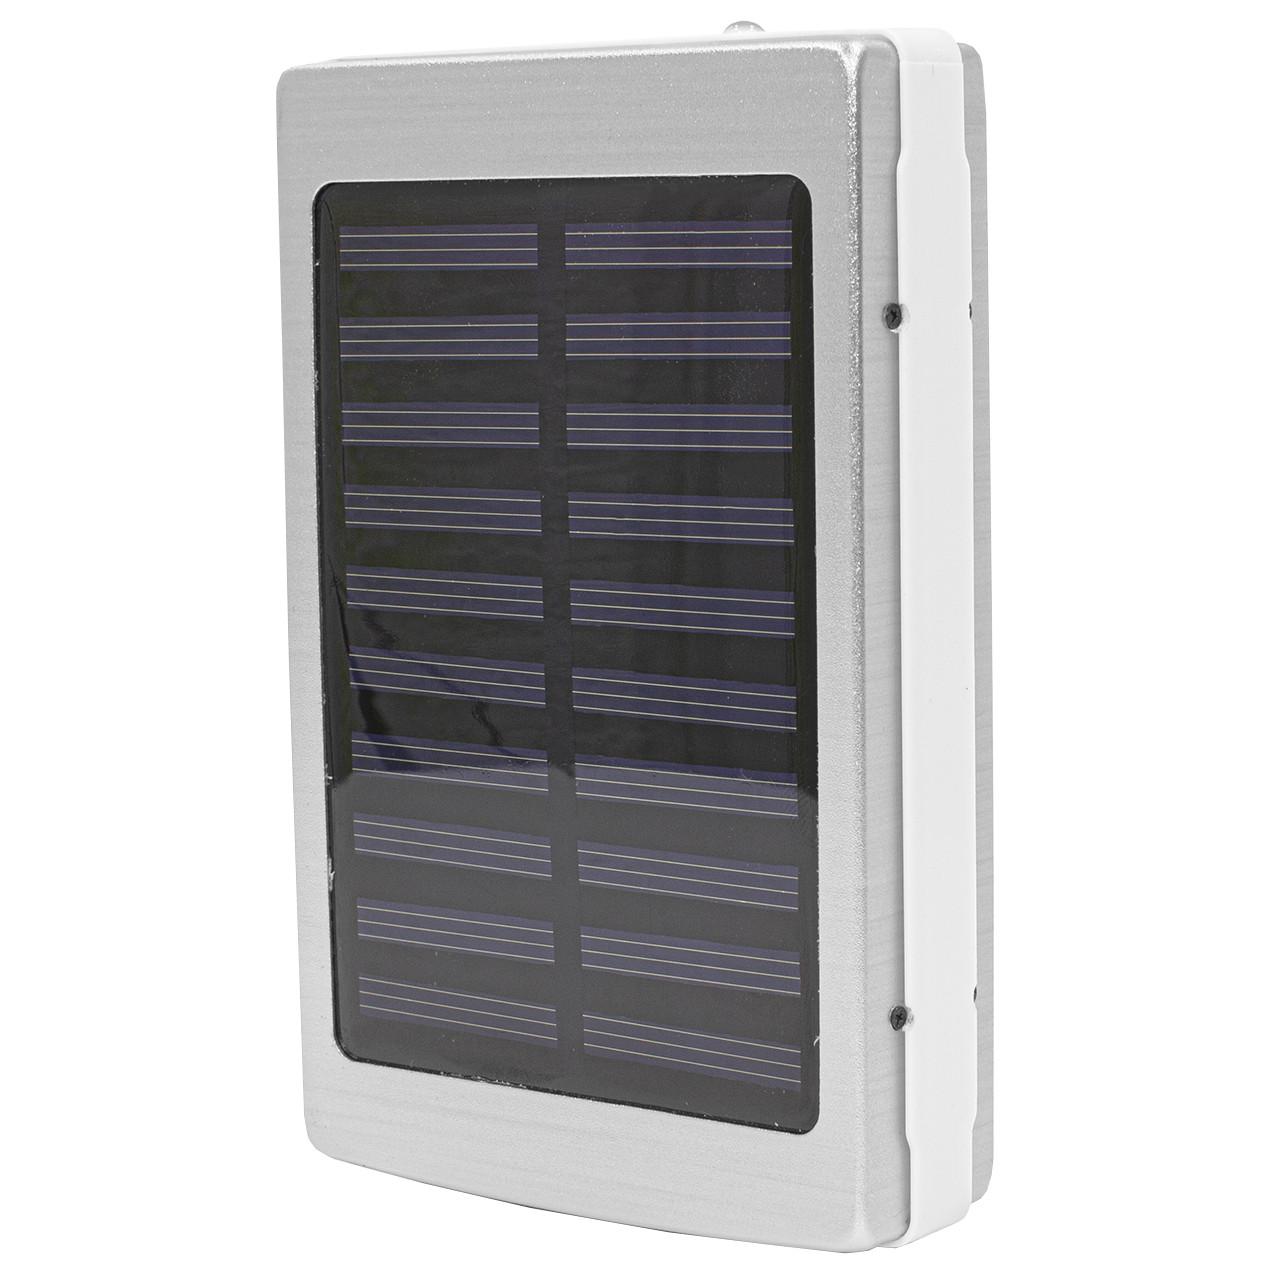 Внешний аккумулятор Power bank Solar PB-6 с солнечной панелью 6000 мАч стробоскоп Silver